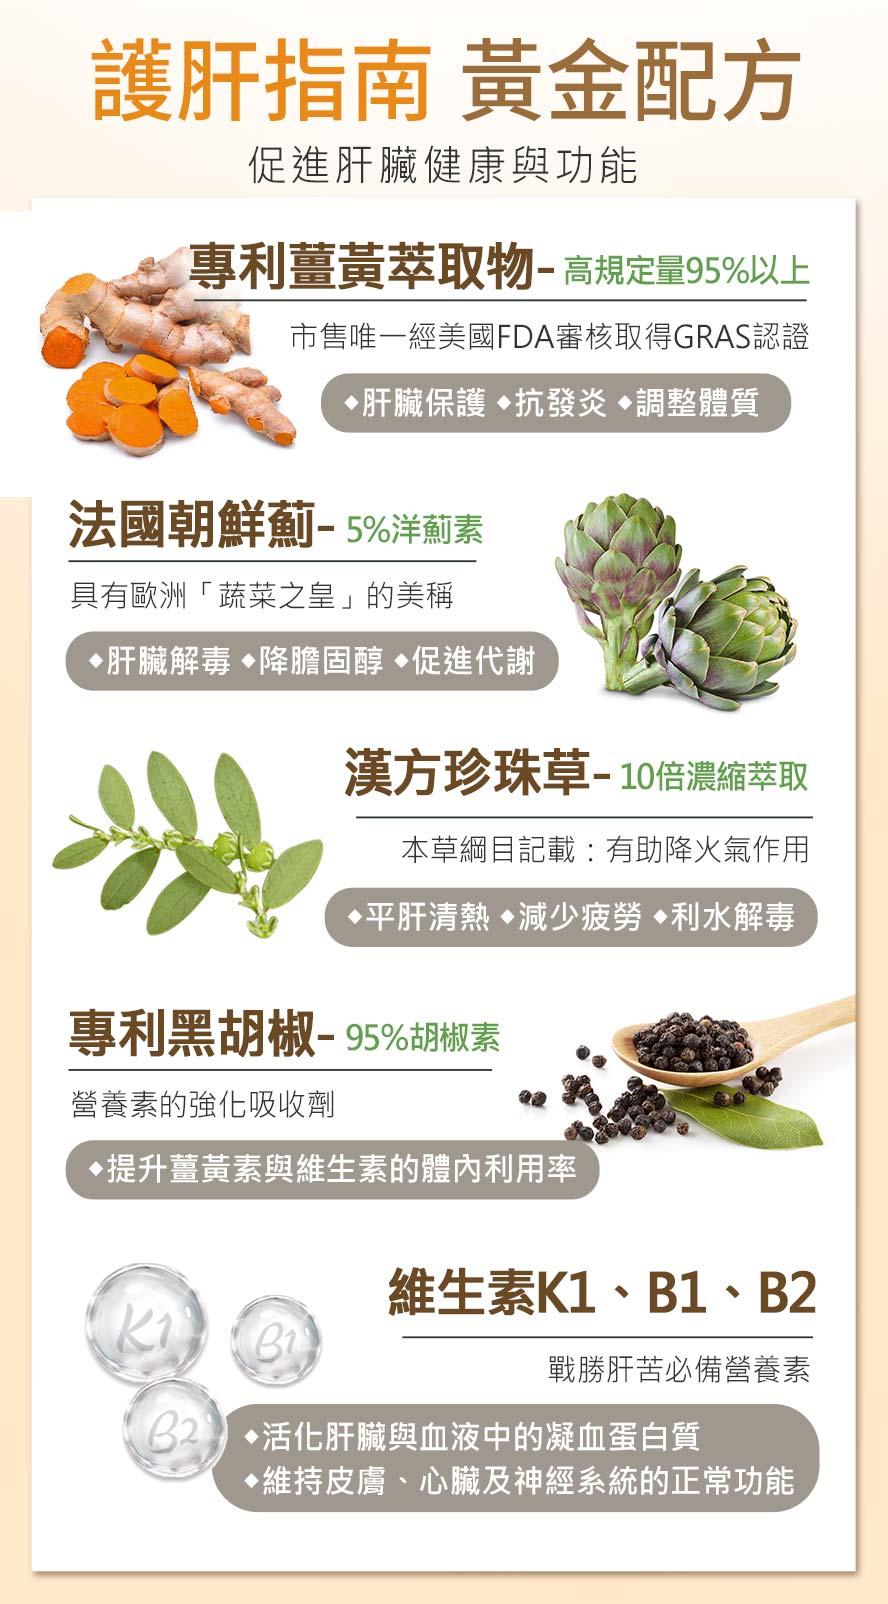 BHK薑黃含高95%規定量薑黃,法國朝鮮薊,漢方珍珠草,專利黑胡椒,提升肝臟健康.